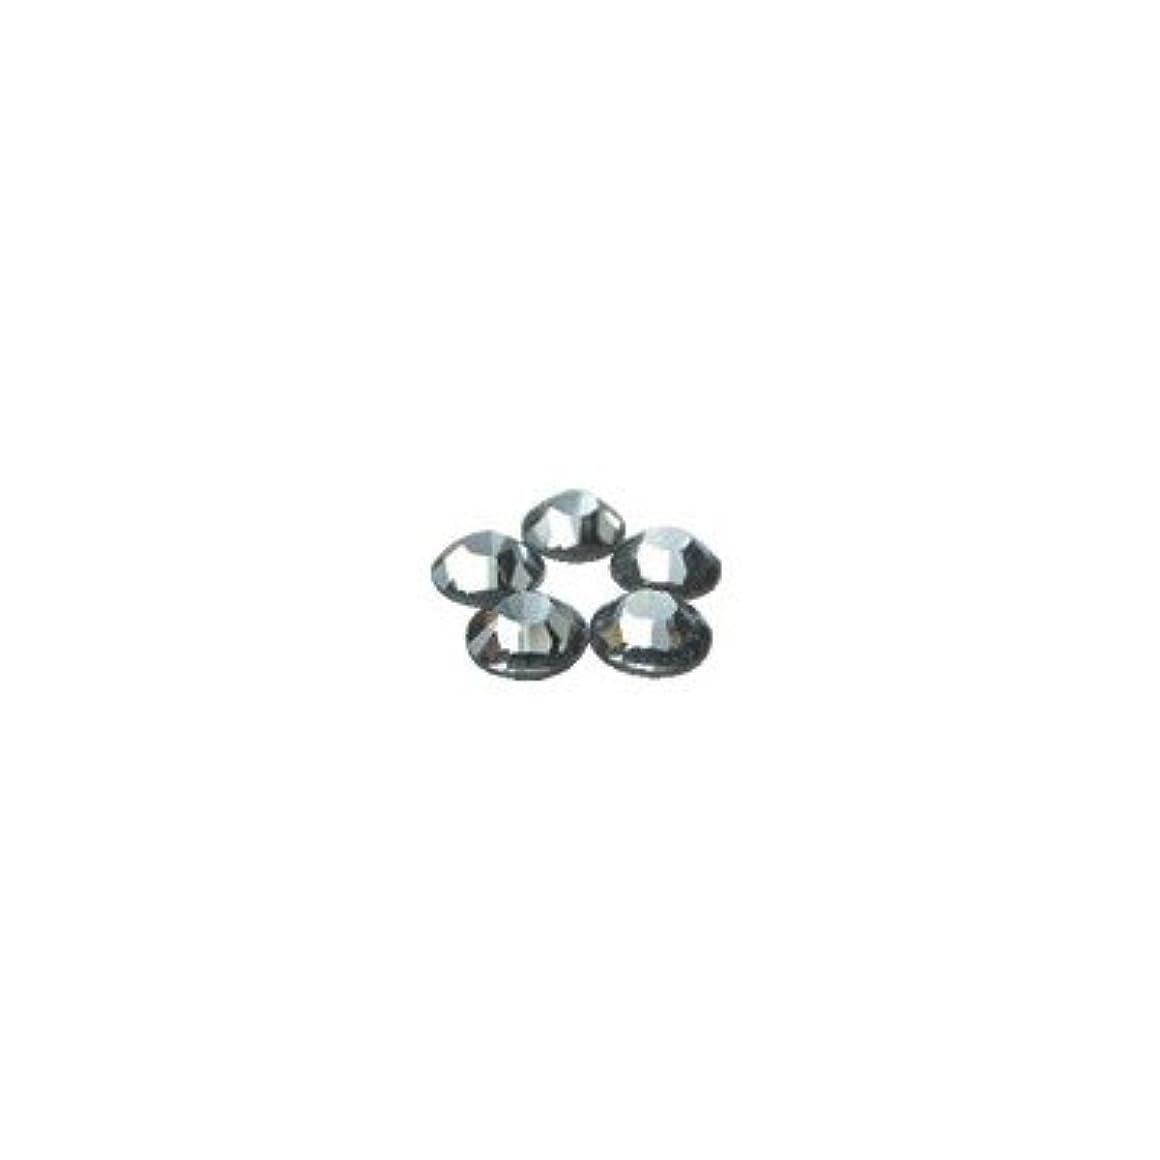 ひまわり多様体目の前のスワロフスキー?エレメント(SWAROVSKI) ss20 48個入 ブラックダイヤモンド